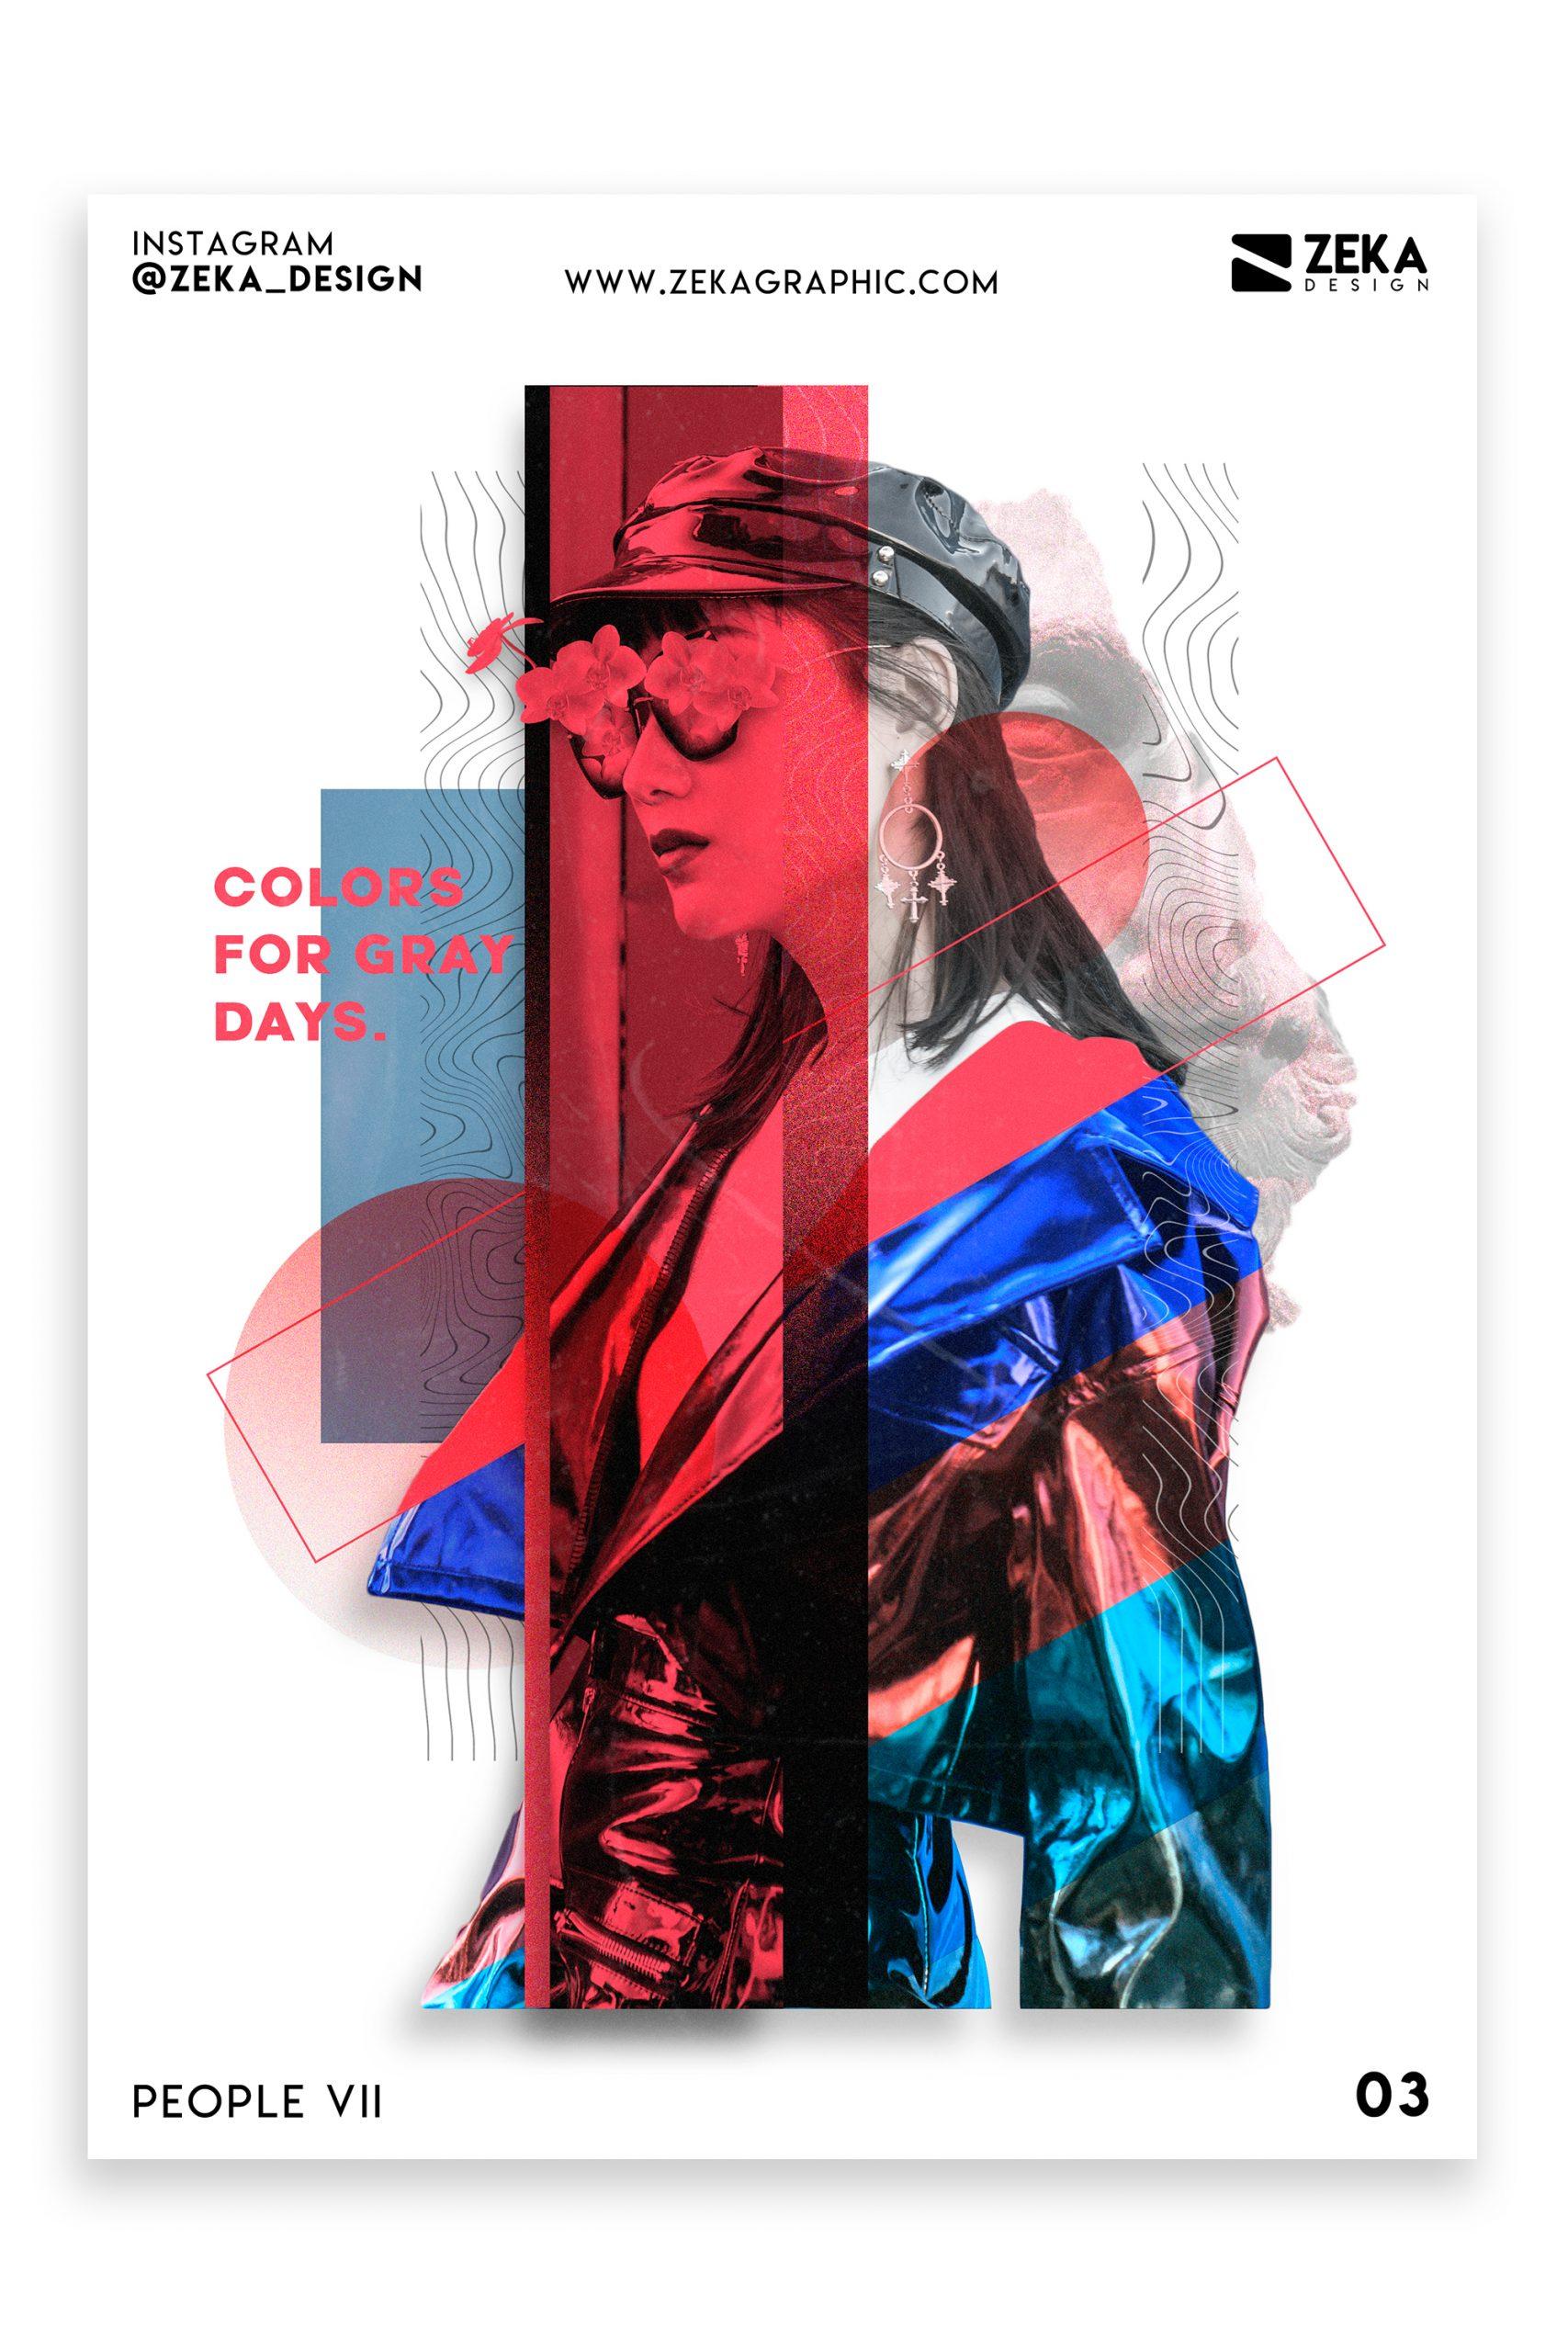 People VII Poster Design Inspiration Graphic Design Portfolio 3